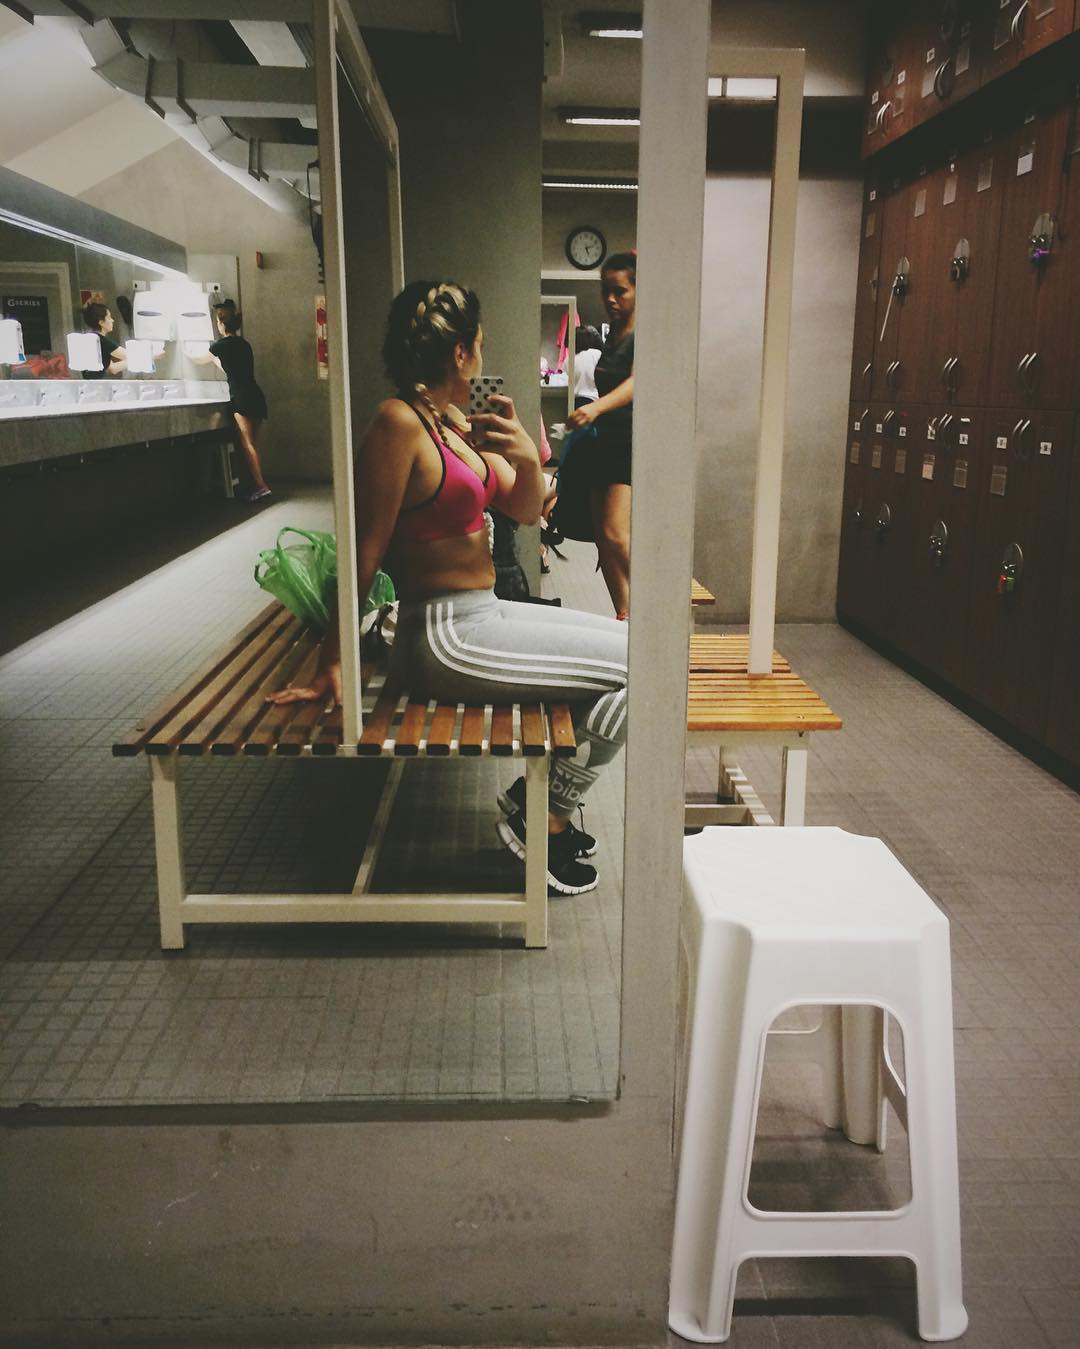 #gymtime a bajar lo que hace sobresalir el elástico. Ajjaja panza panzita zapan llamala como quieras